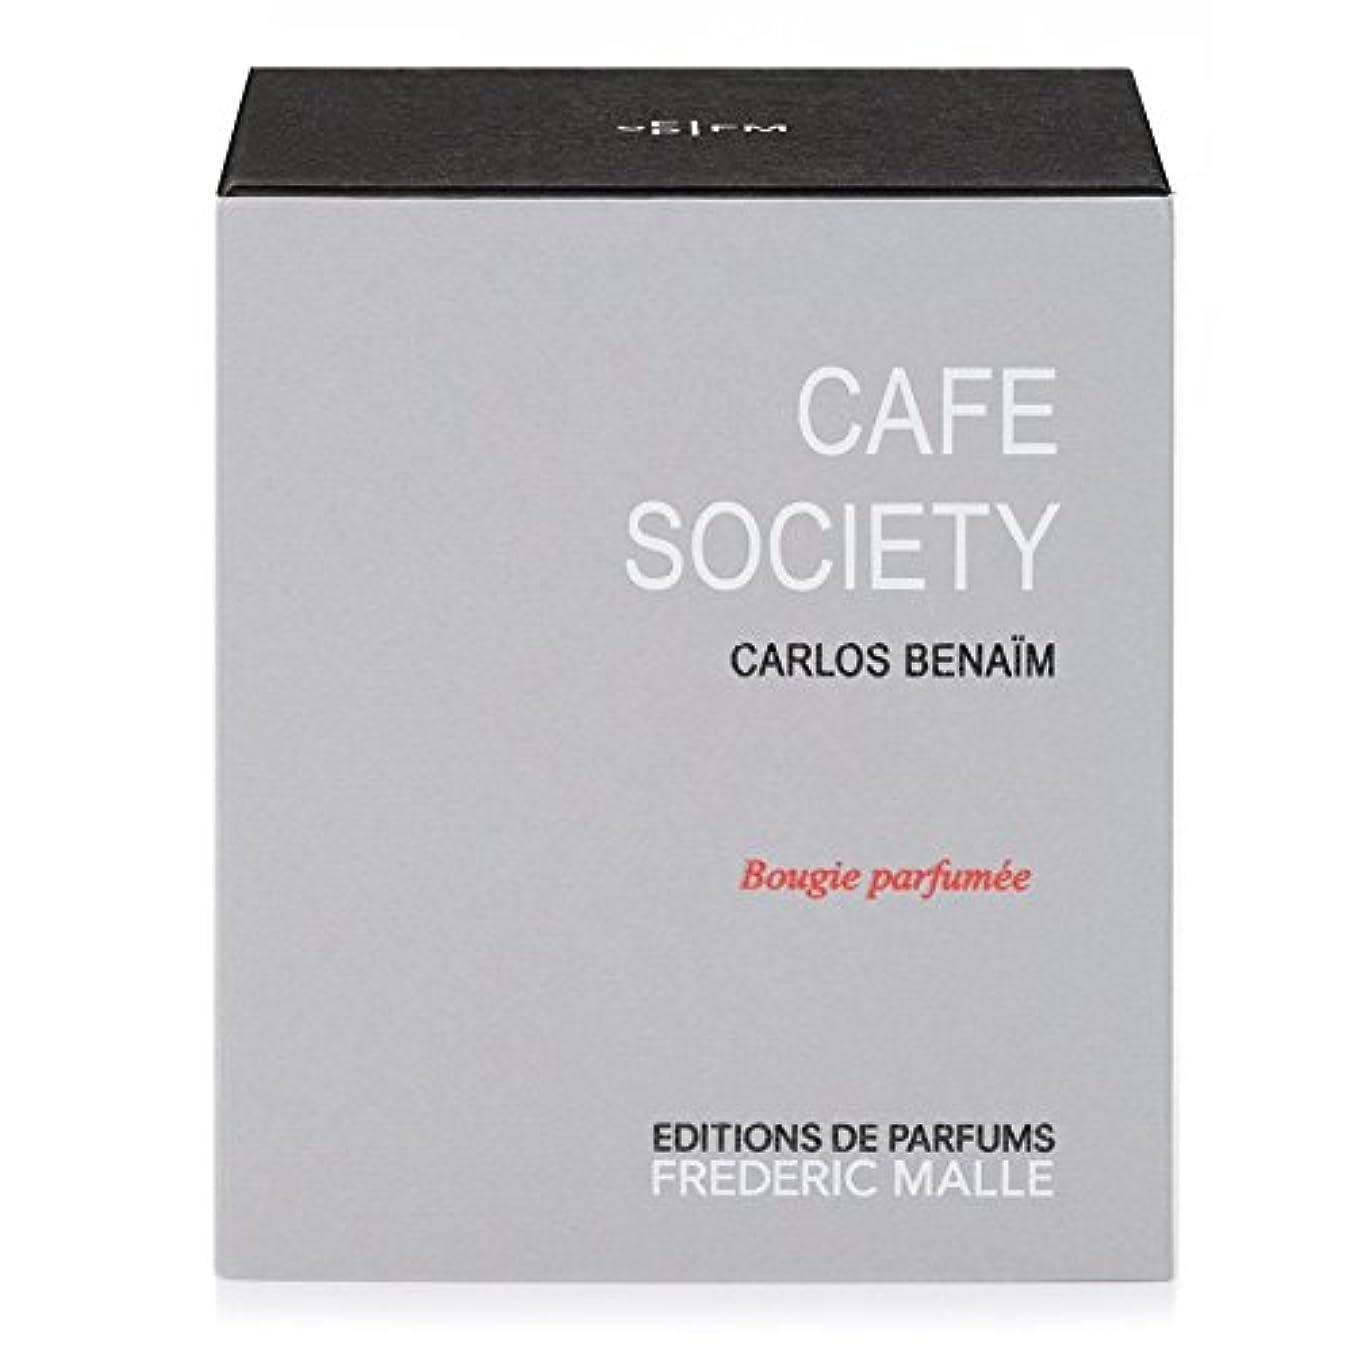 ダニ聖人大理石Frederic Malle Cafe Society Scented Candle 220g (Pack of 4) - フレデリック?マルカフェ社会の香りのキャンドル220グラム x4 [並行輸入品]